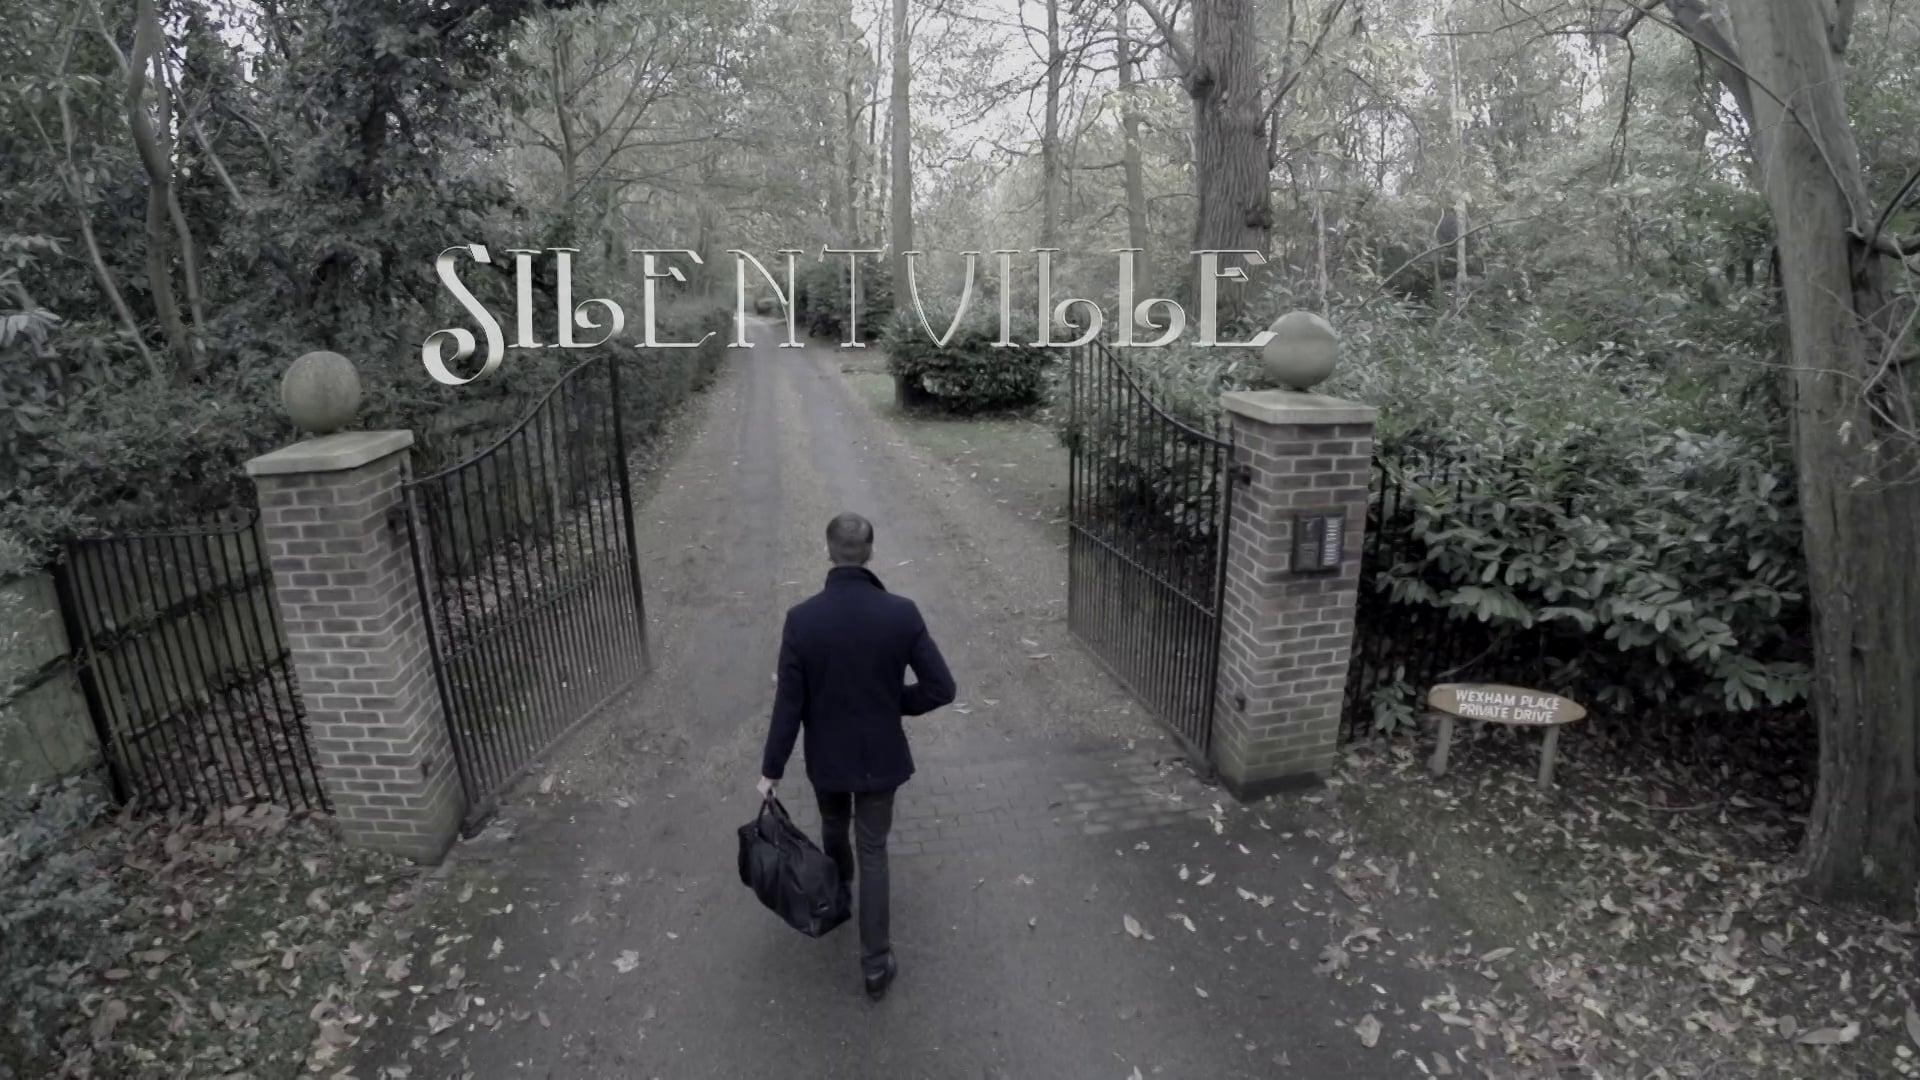 Silentville